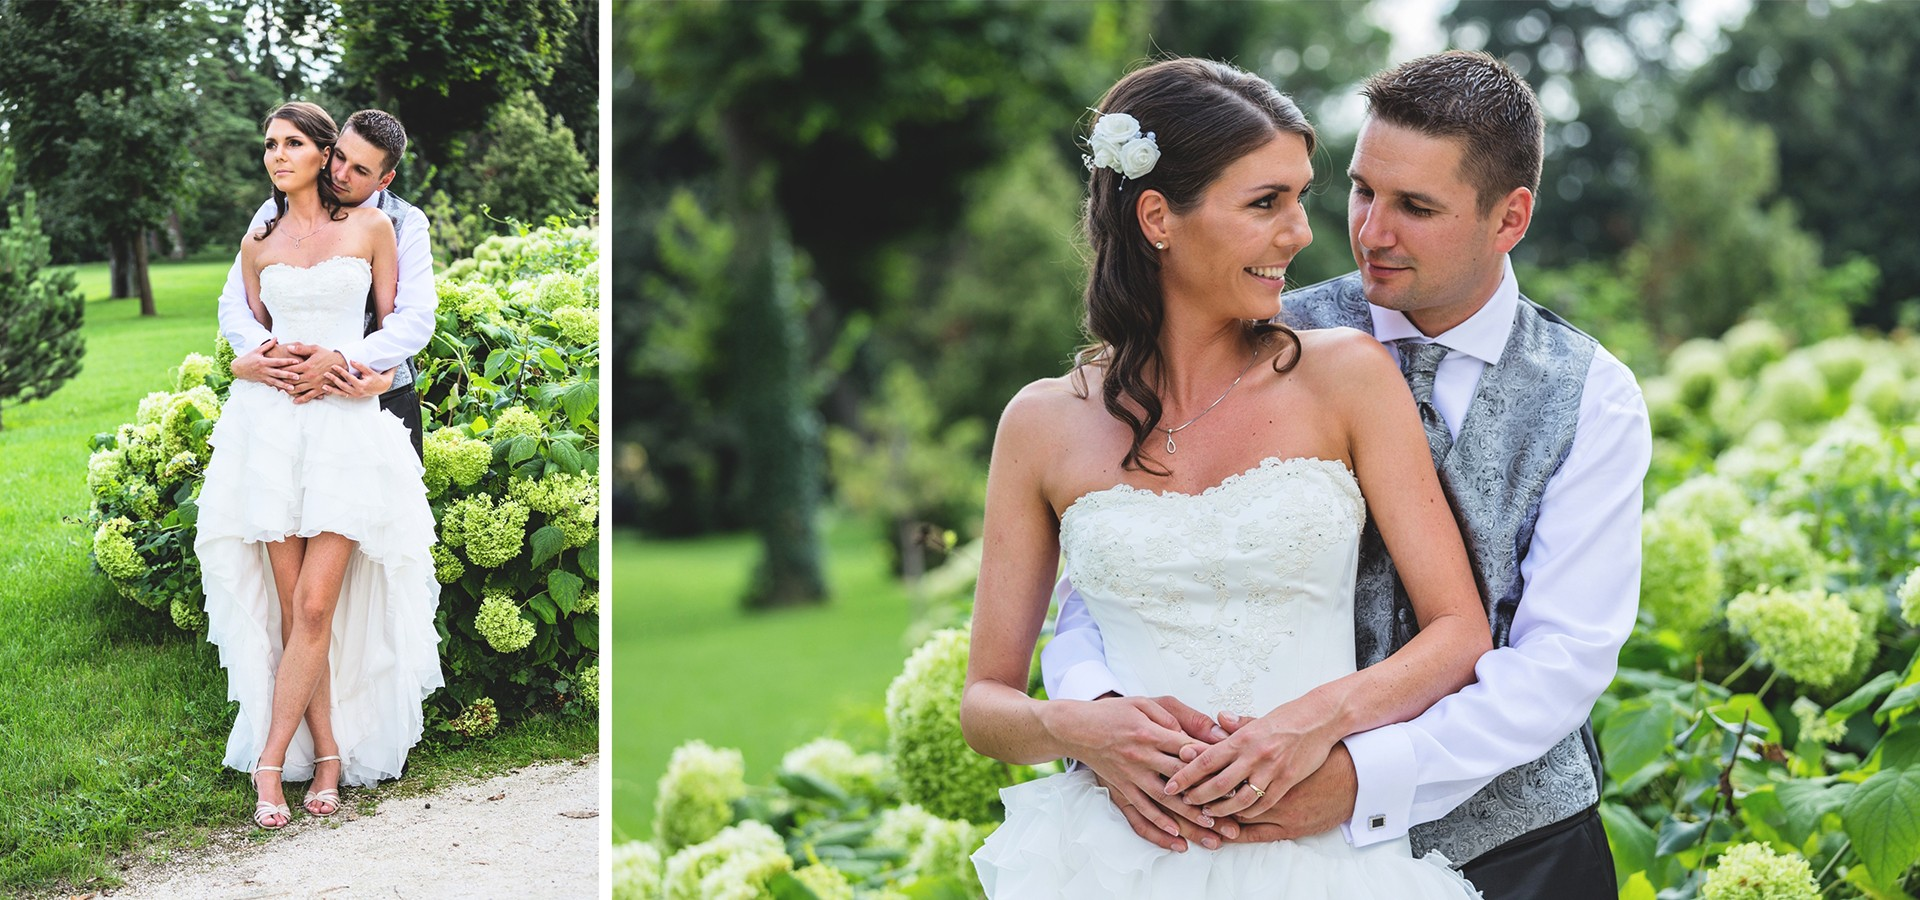 Esküvő fotózás, család és portré fotós